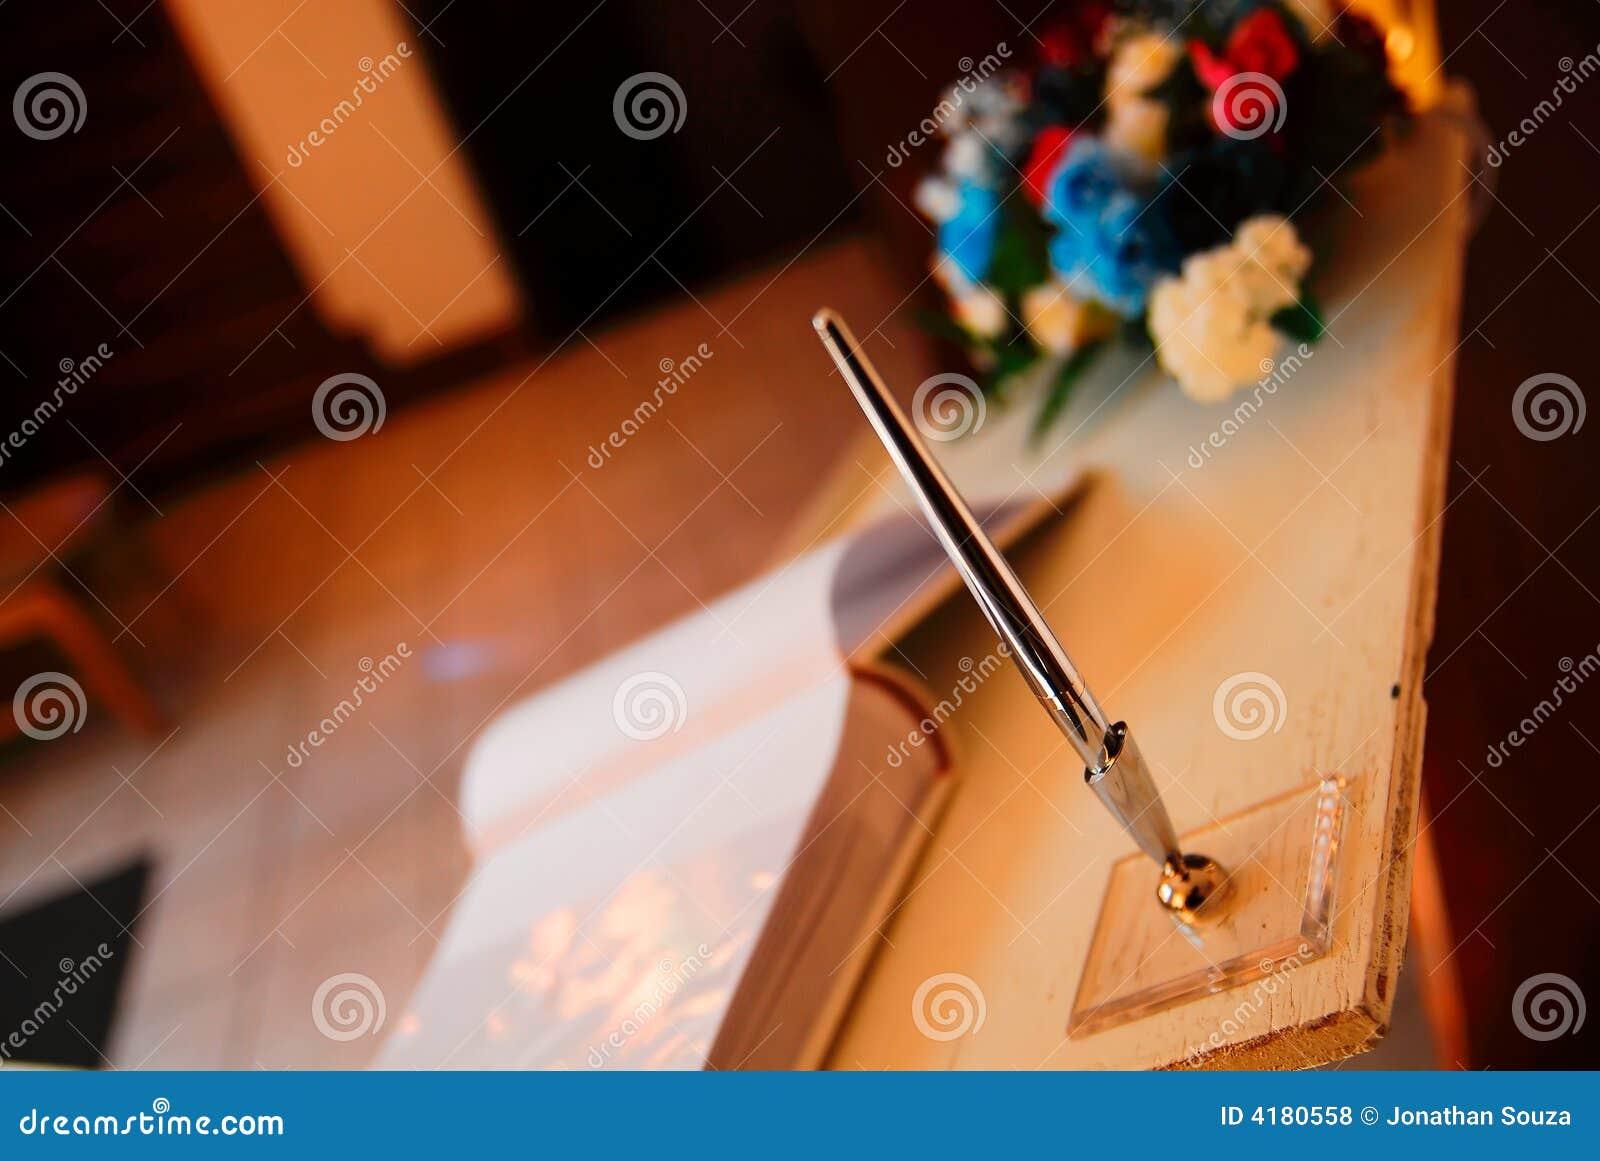 Penna di cerimonia nuziale